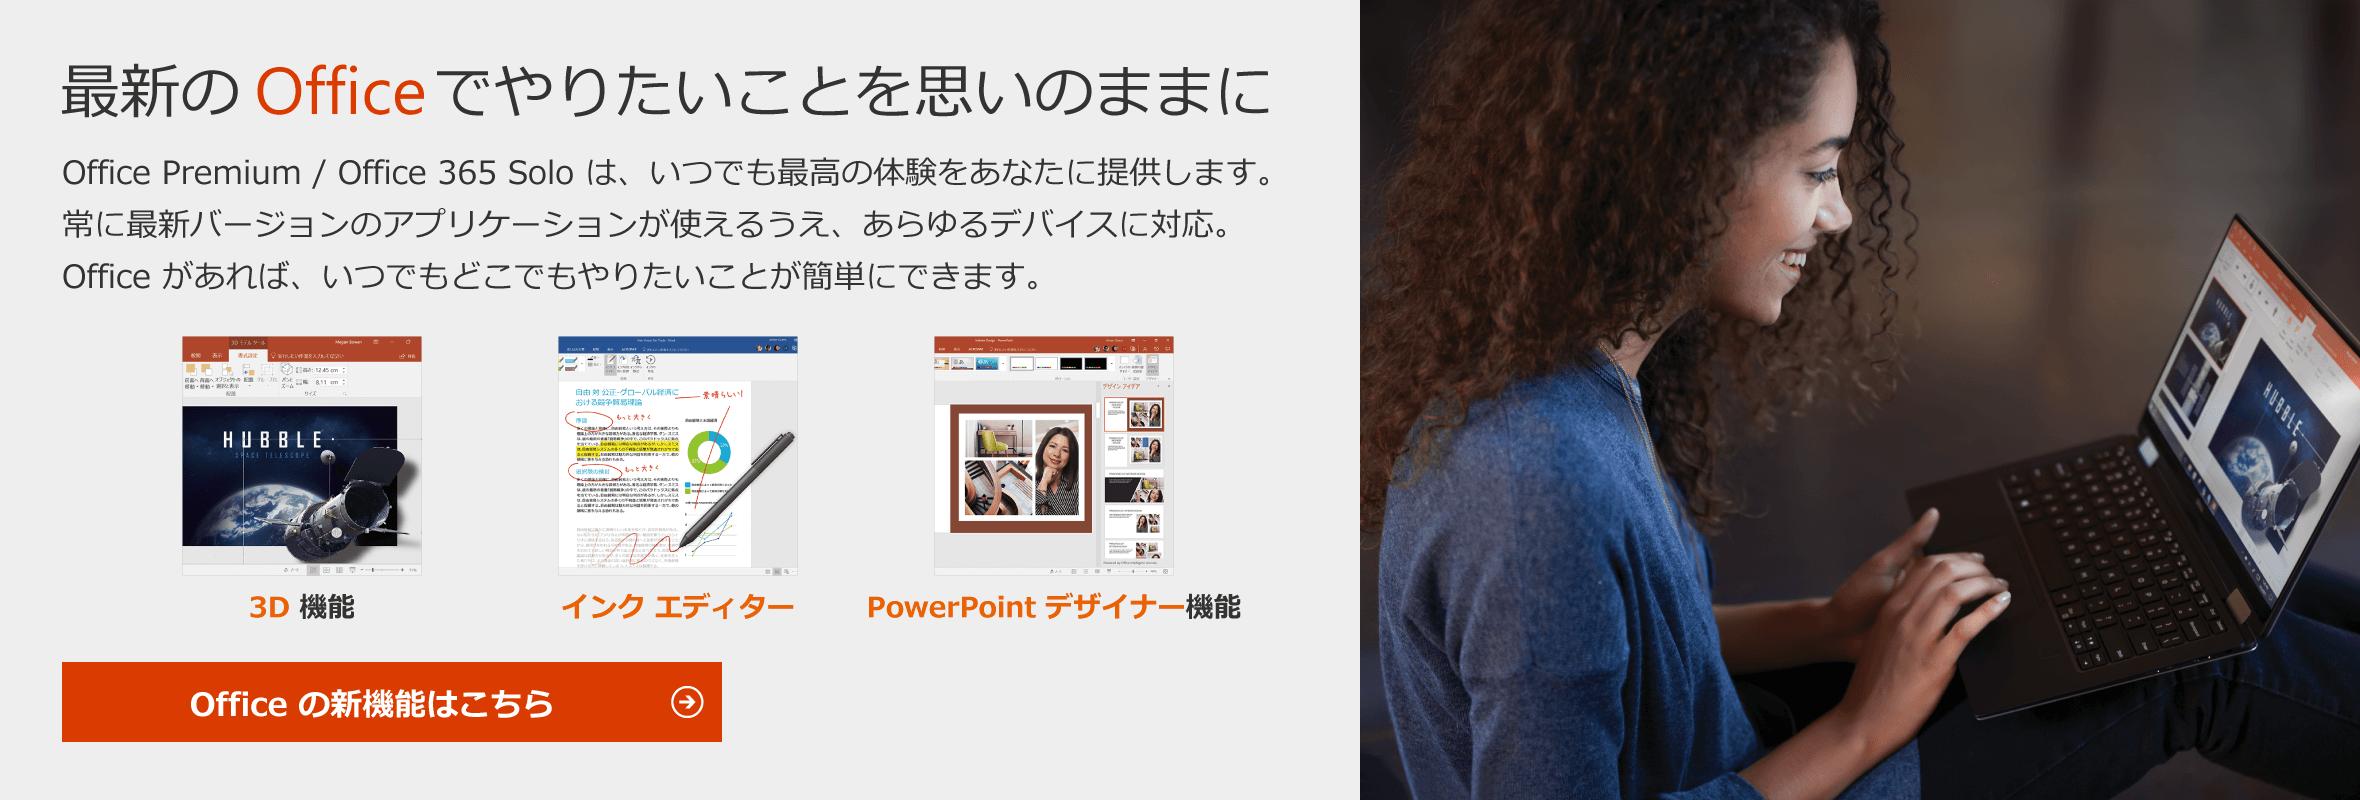 最新の Office でやりたいことを思いのままに - Office Premium / Office 365 Solo は、いつでも最高の体験をあなたに提供します。常に最新バージョンのアプリケーションが使えるうえ、あらゆるデバイスに対応。 Office があれば、いつでもどこでもやりたいことが簡単にできます。 / 3D 機能 / インクエディター / PowerPoint デザイナー機能 / Office の新機能はこちら